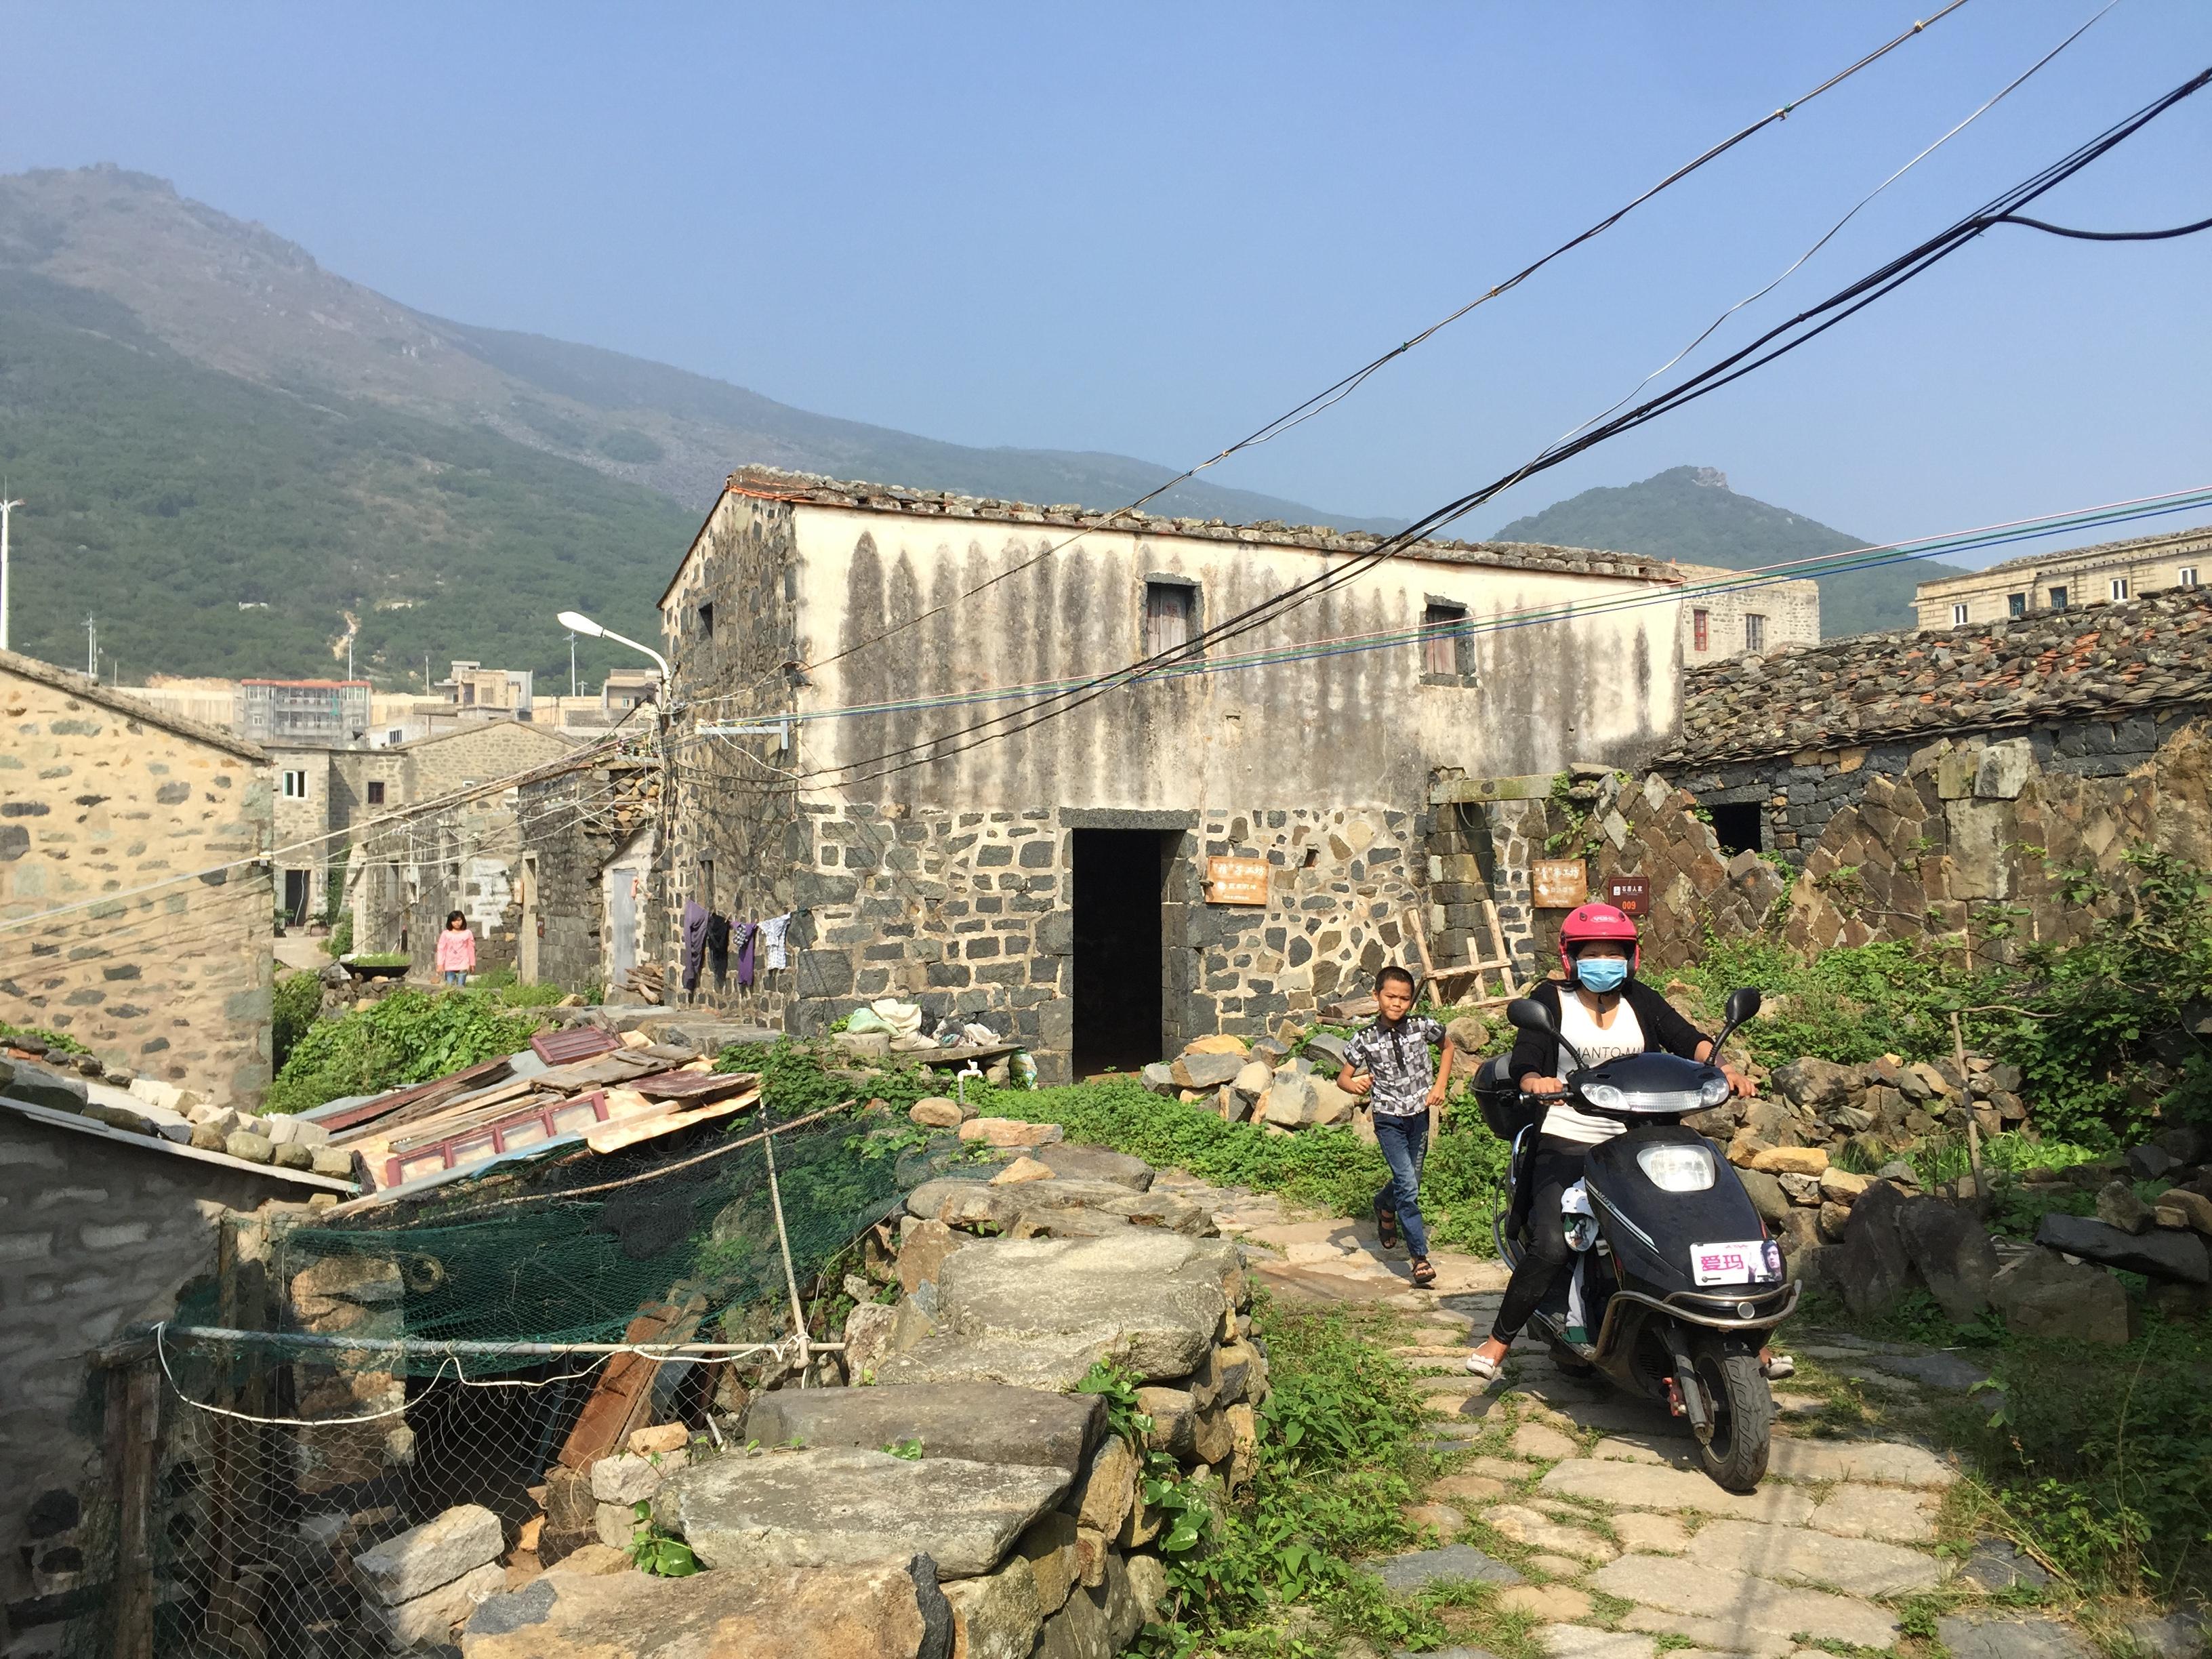 平潭岛北港村村民世代居住的石头厝。(新华社记者尚昊摄)